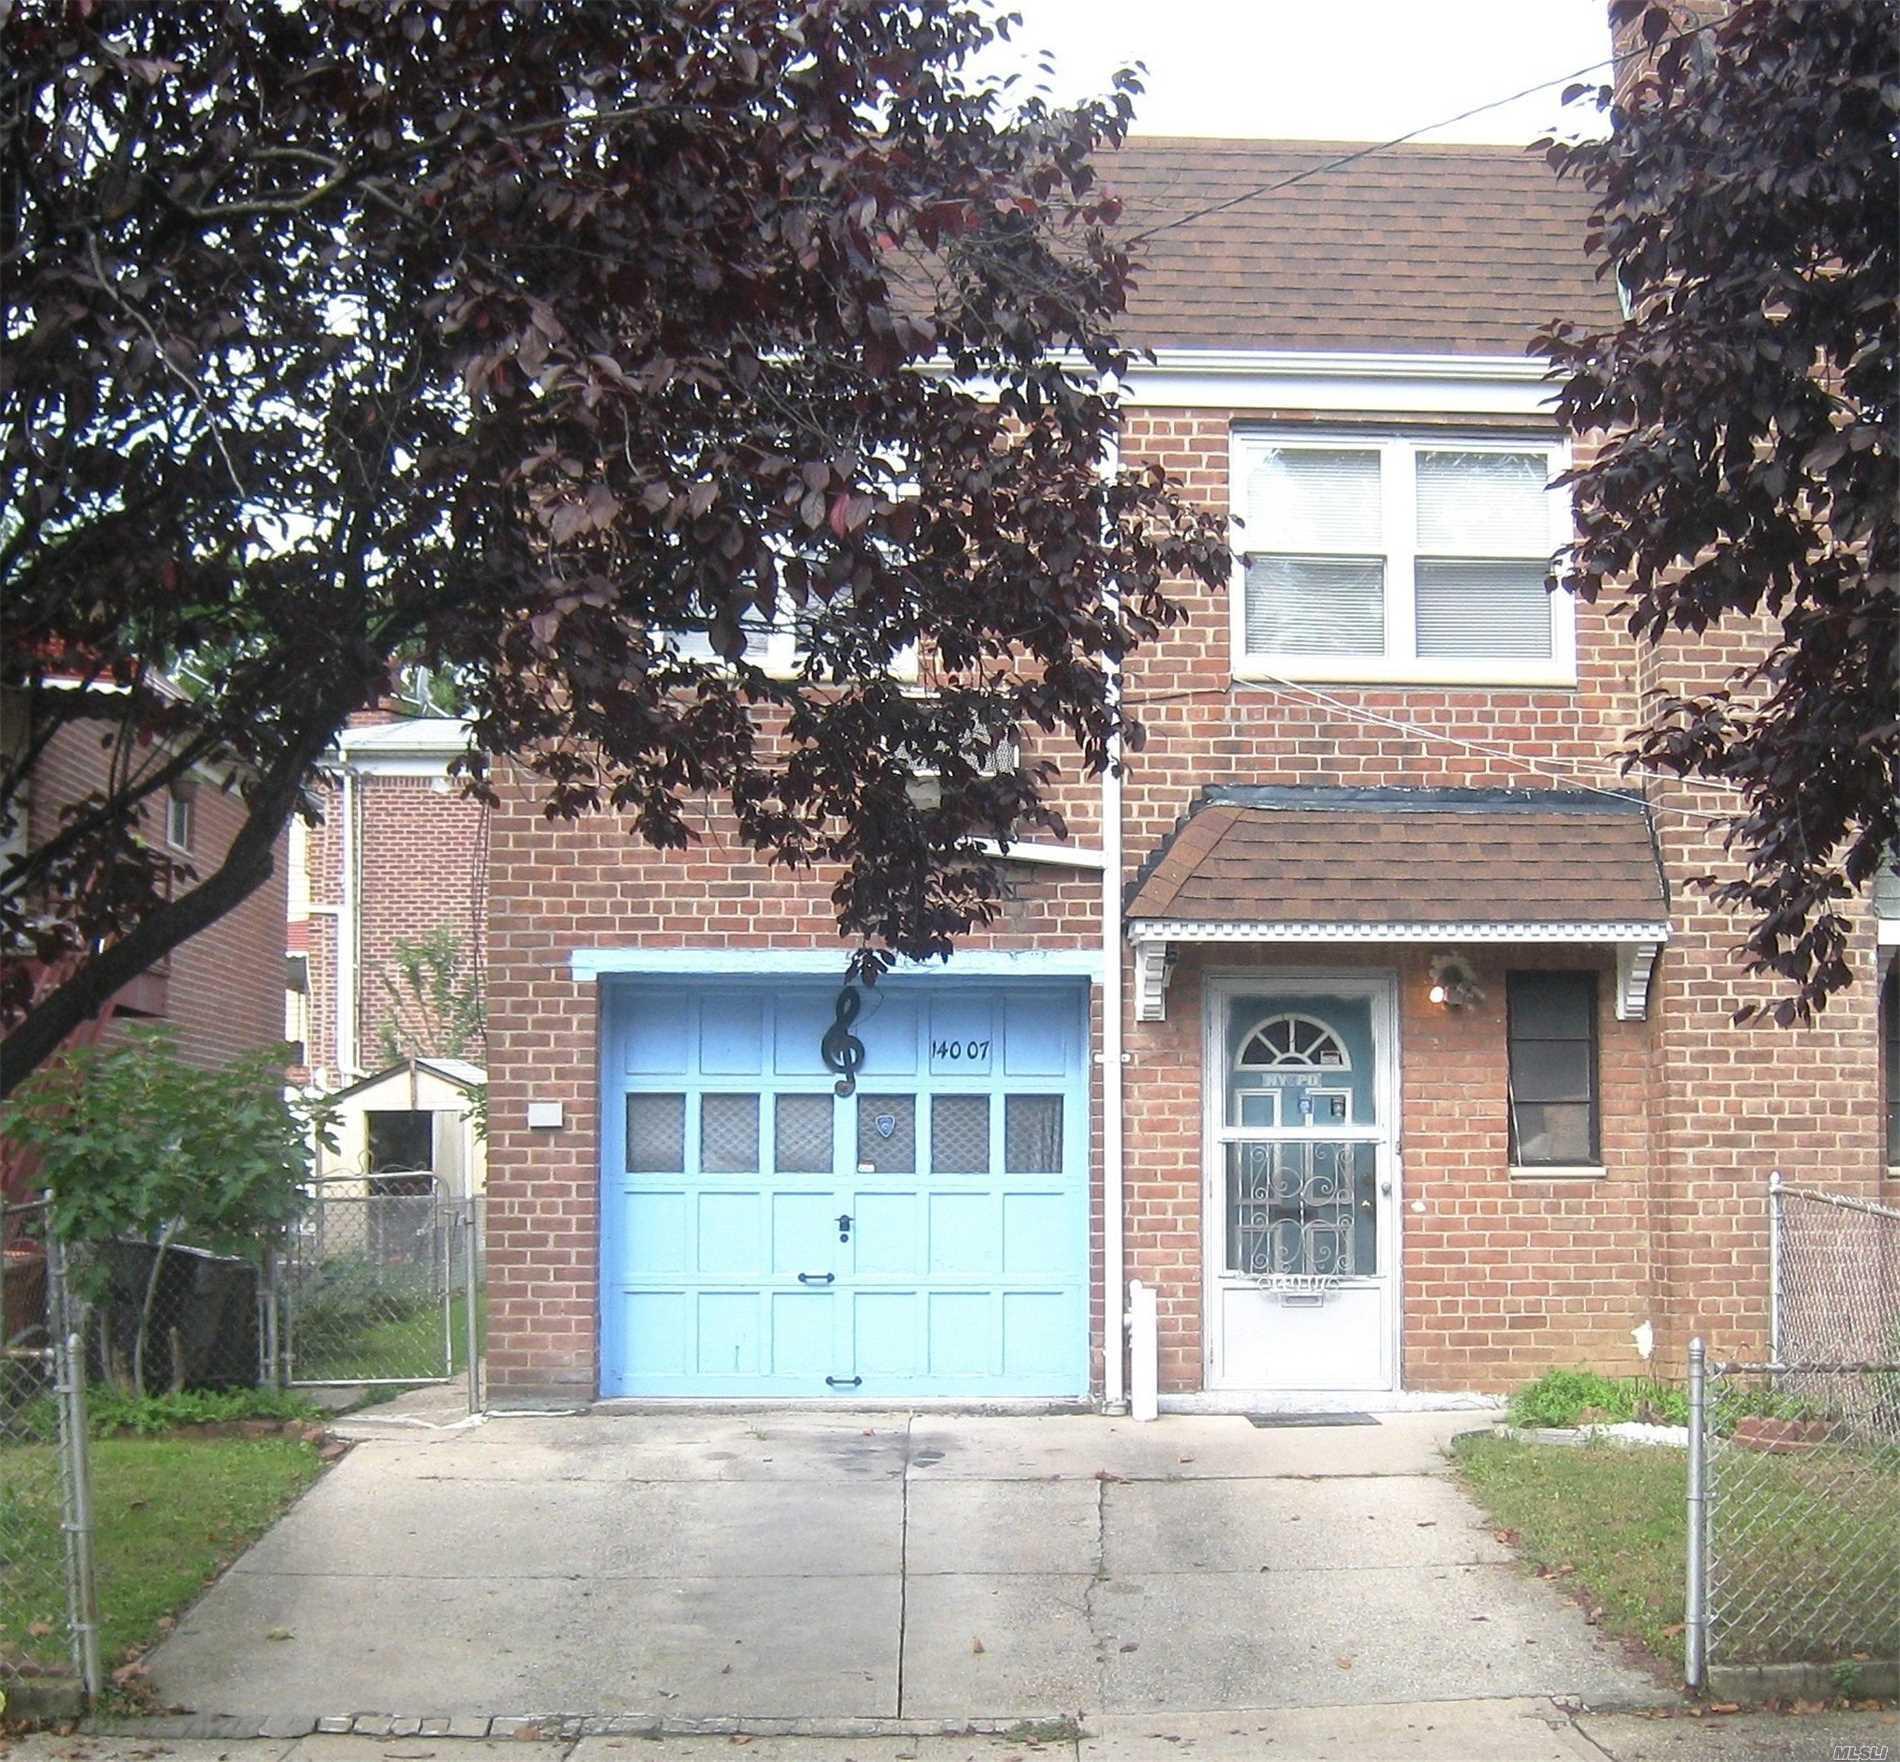 Property for sale at 140-07 Oak Avenue, Flushing NY 11355, Flushing,  New York 11355